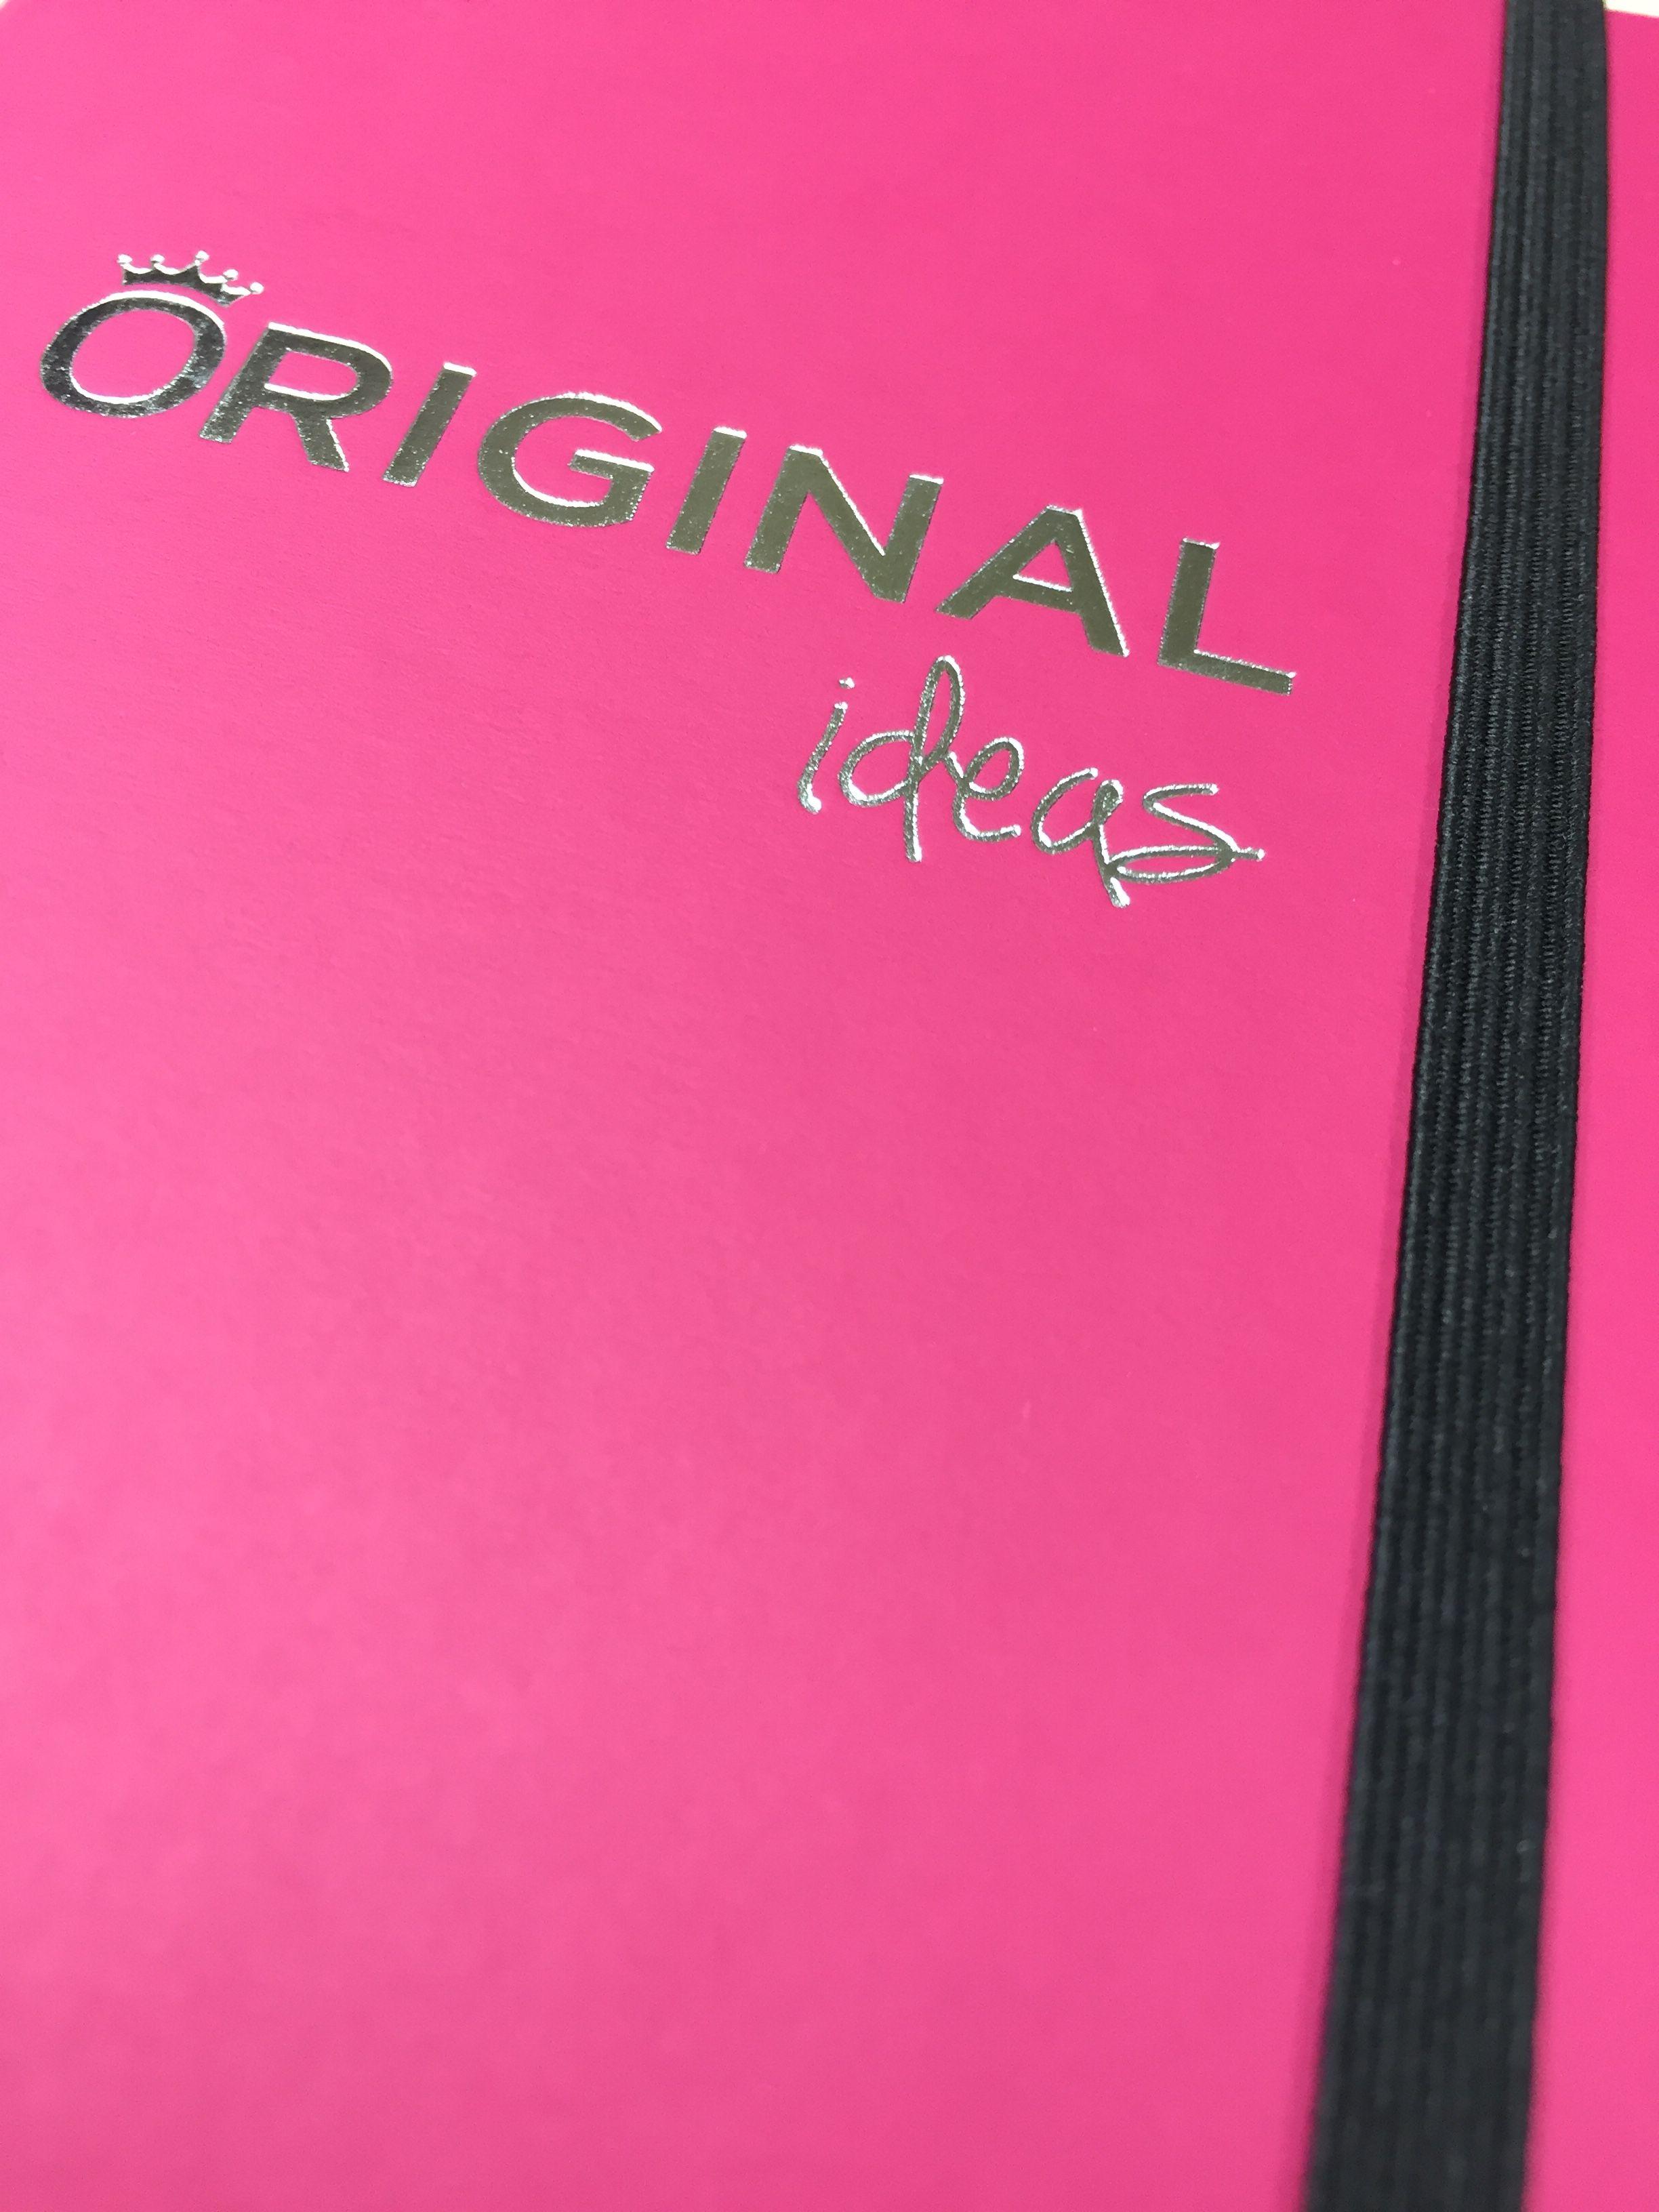 Pin en Notebooks